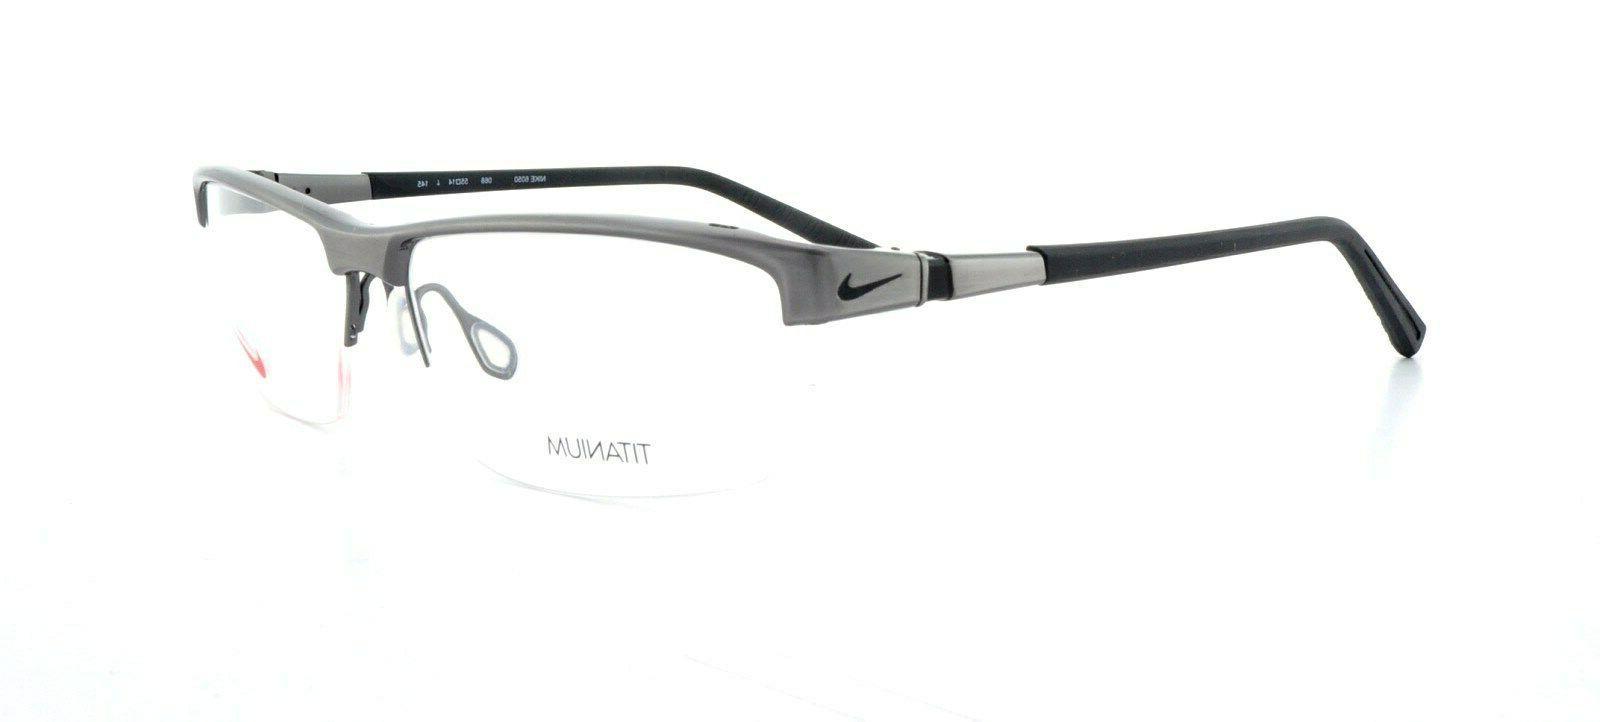 NEW ORIGINAL NIKE 6050 068 Men's Eyeglasses 14 145